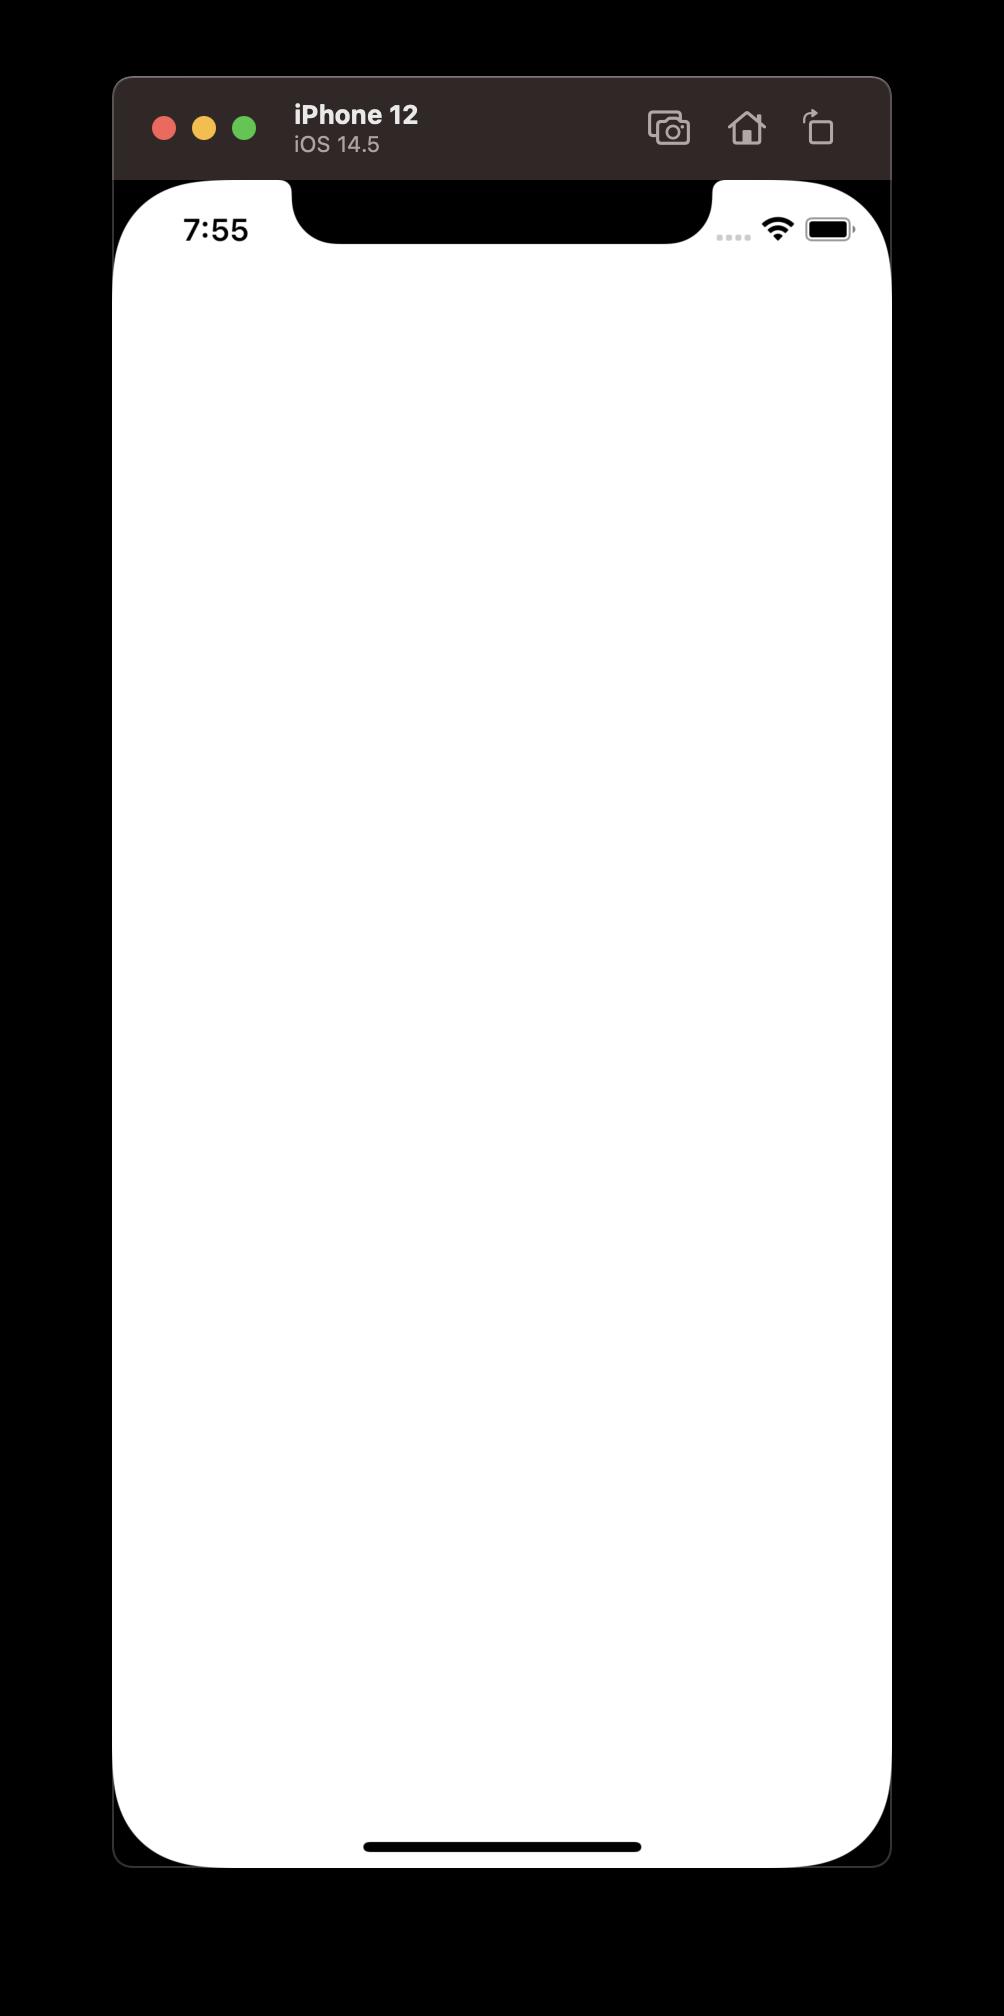 f:id:Koze:20210427075543p:plain:w400